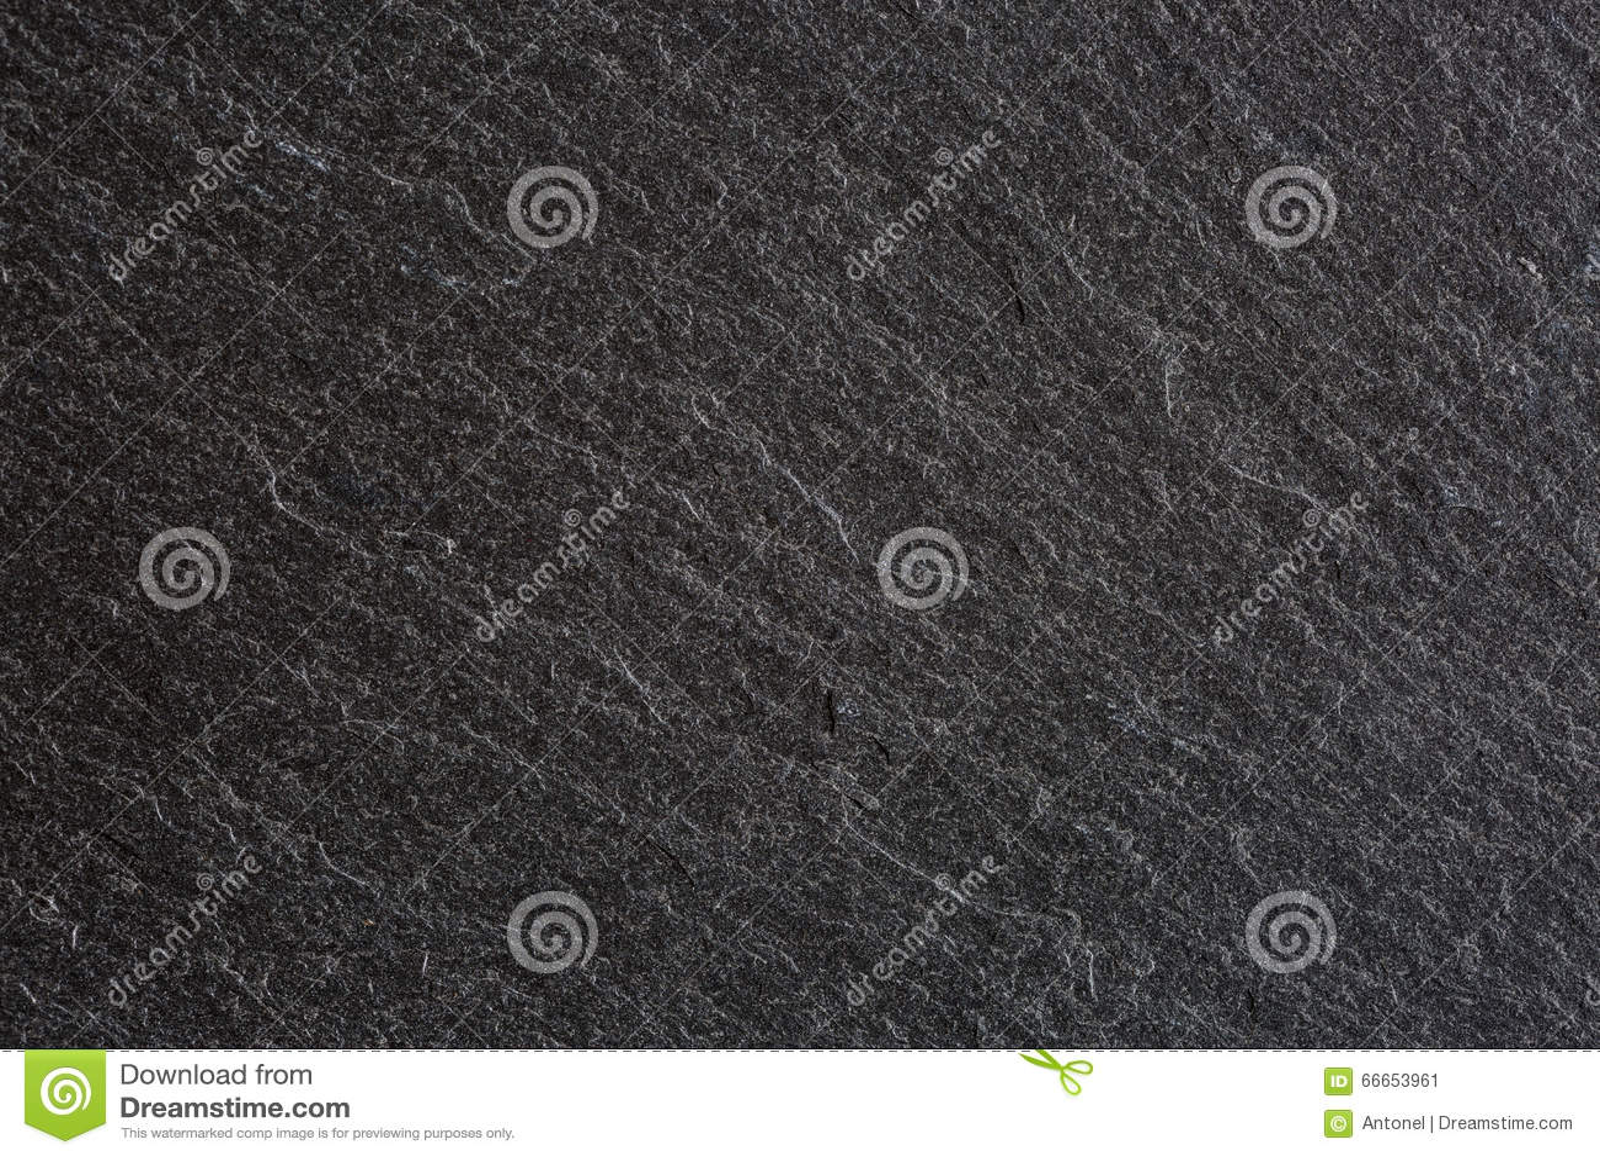 texture d 39 ardoise noire photo stock image 66653961. Black Bedroom Furniture Sets. Home Design Ideas